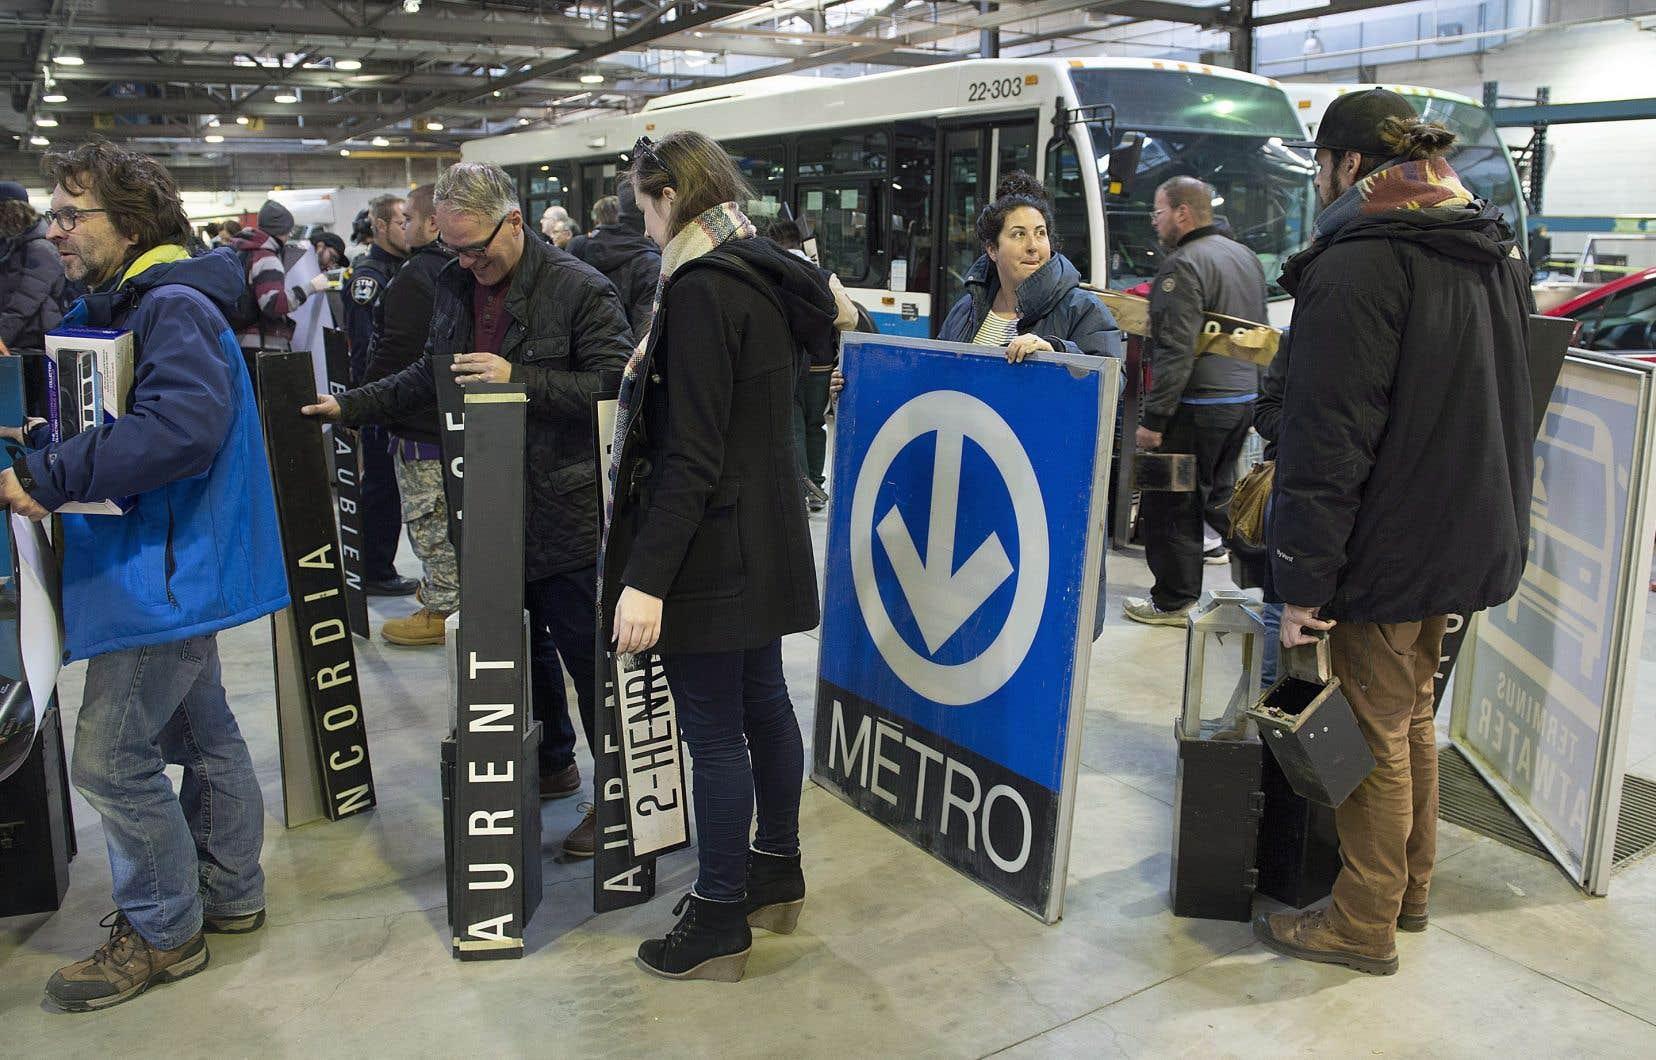 Les prix des objets proposés variaient entre 10 $ pour une pancarte d'arrêt d'autobus et 500$ pour une grande affiche représentant le logo de la STM.